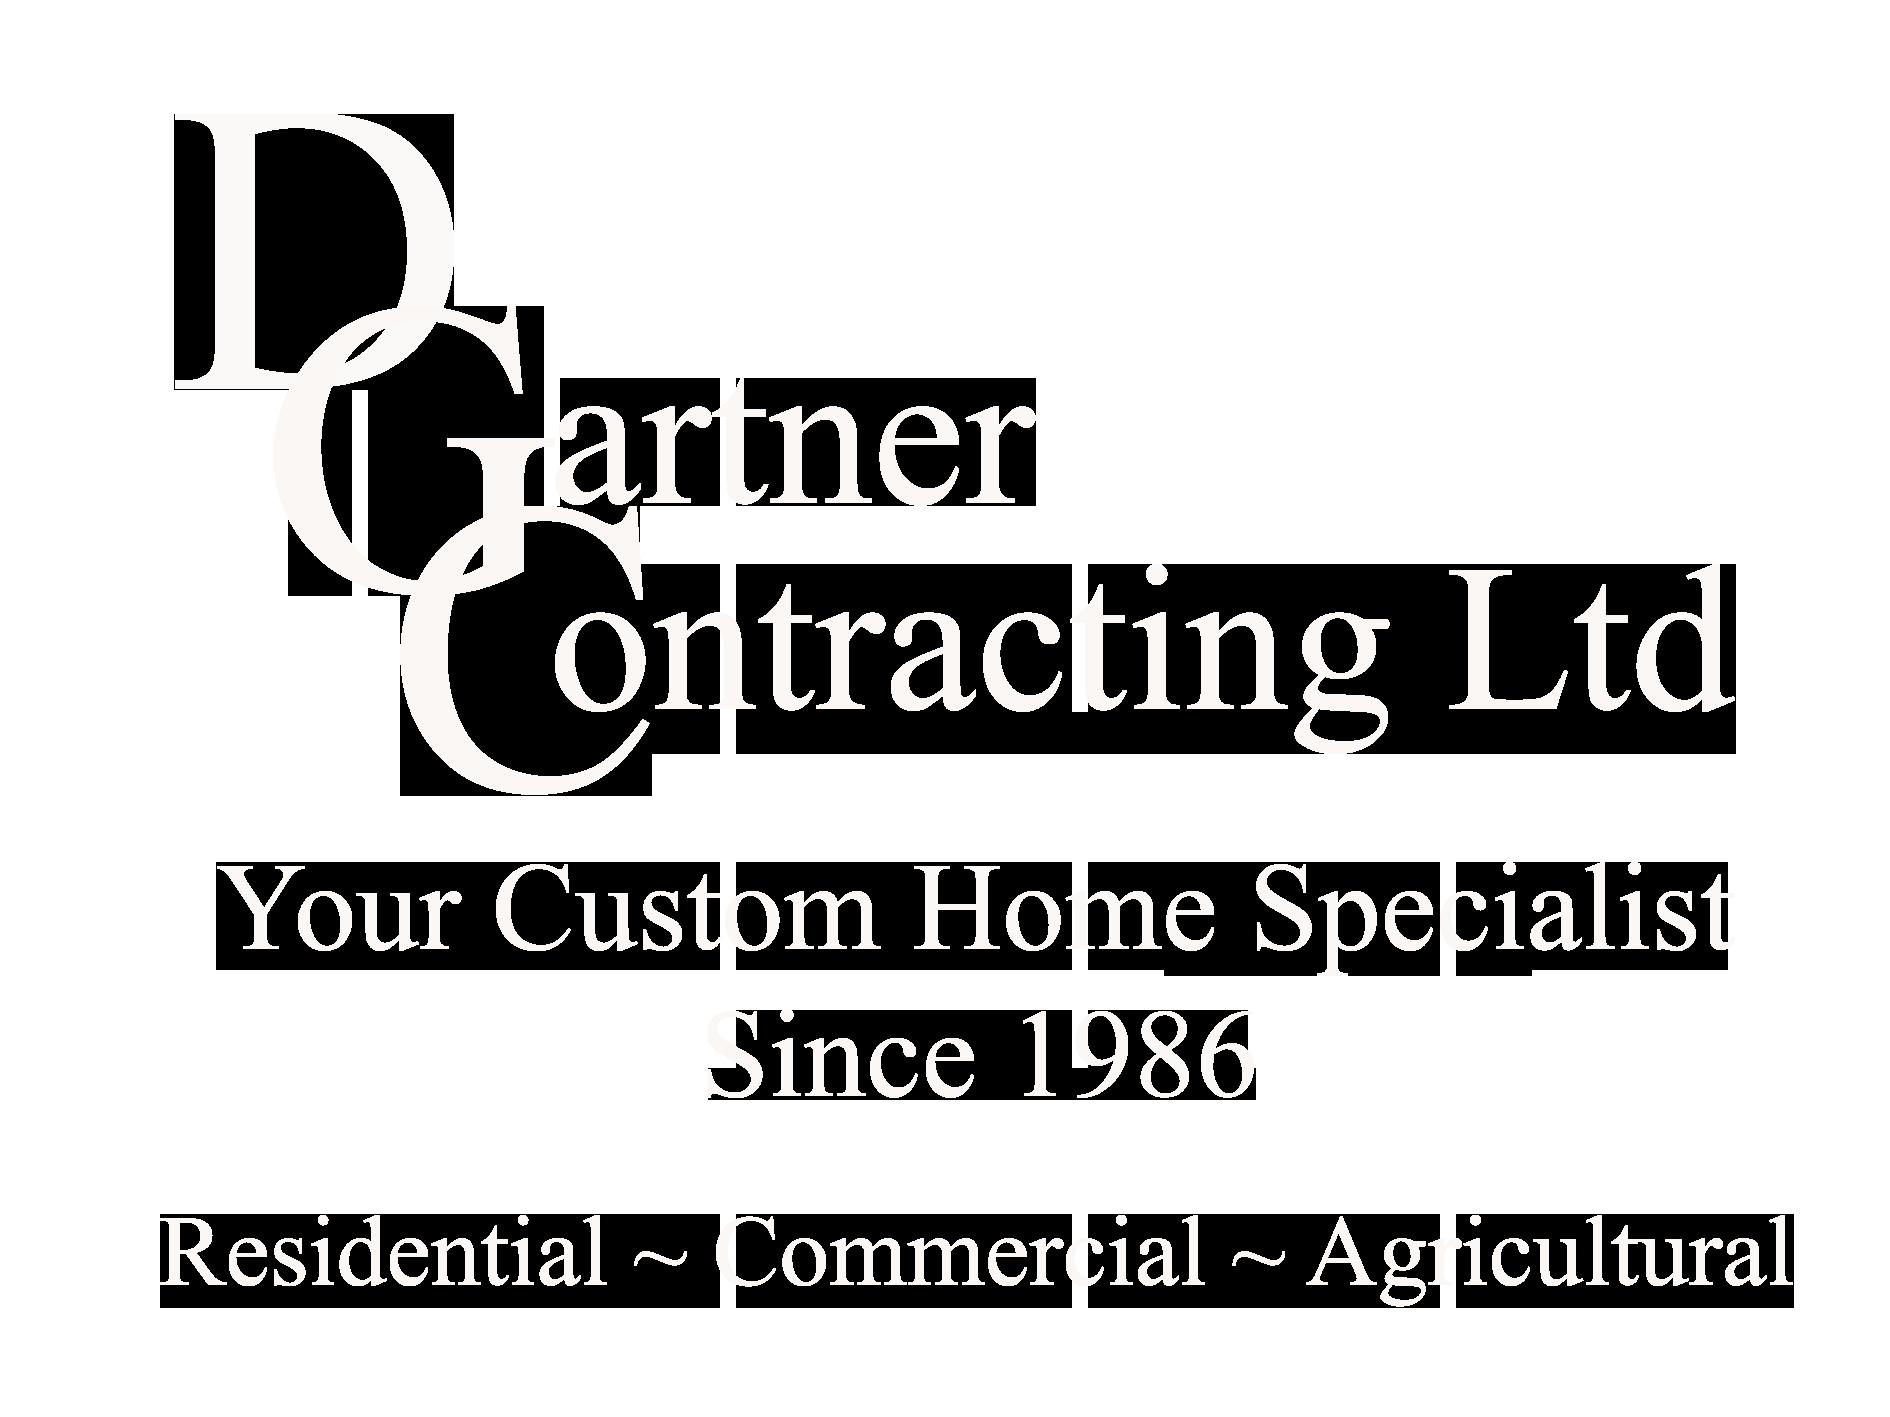 D. Gartner Contracting Ltd